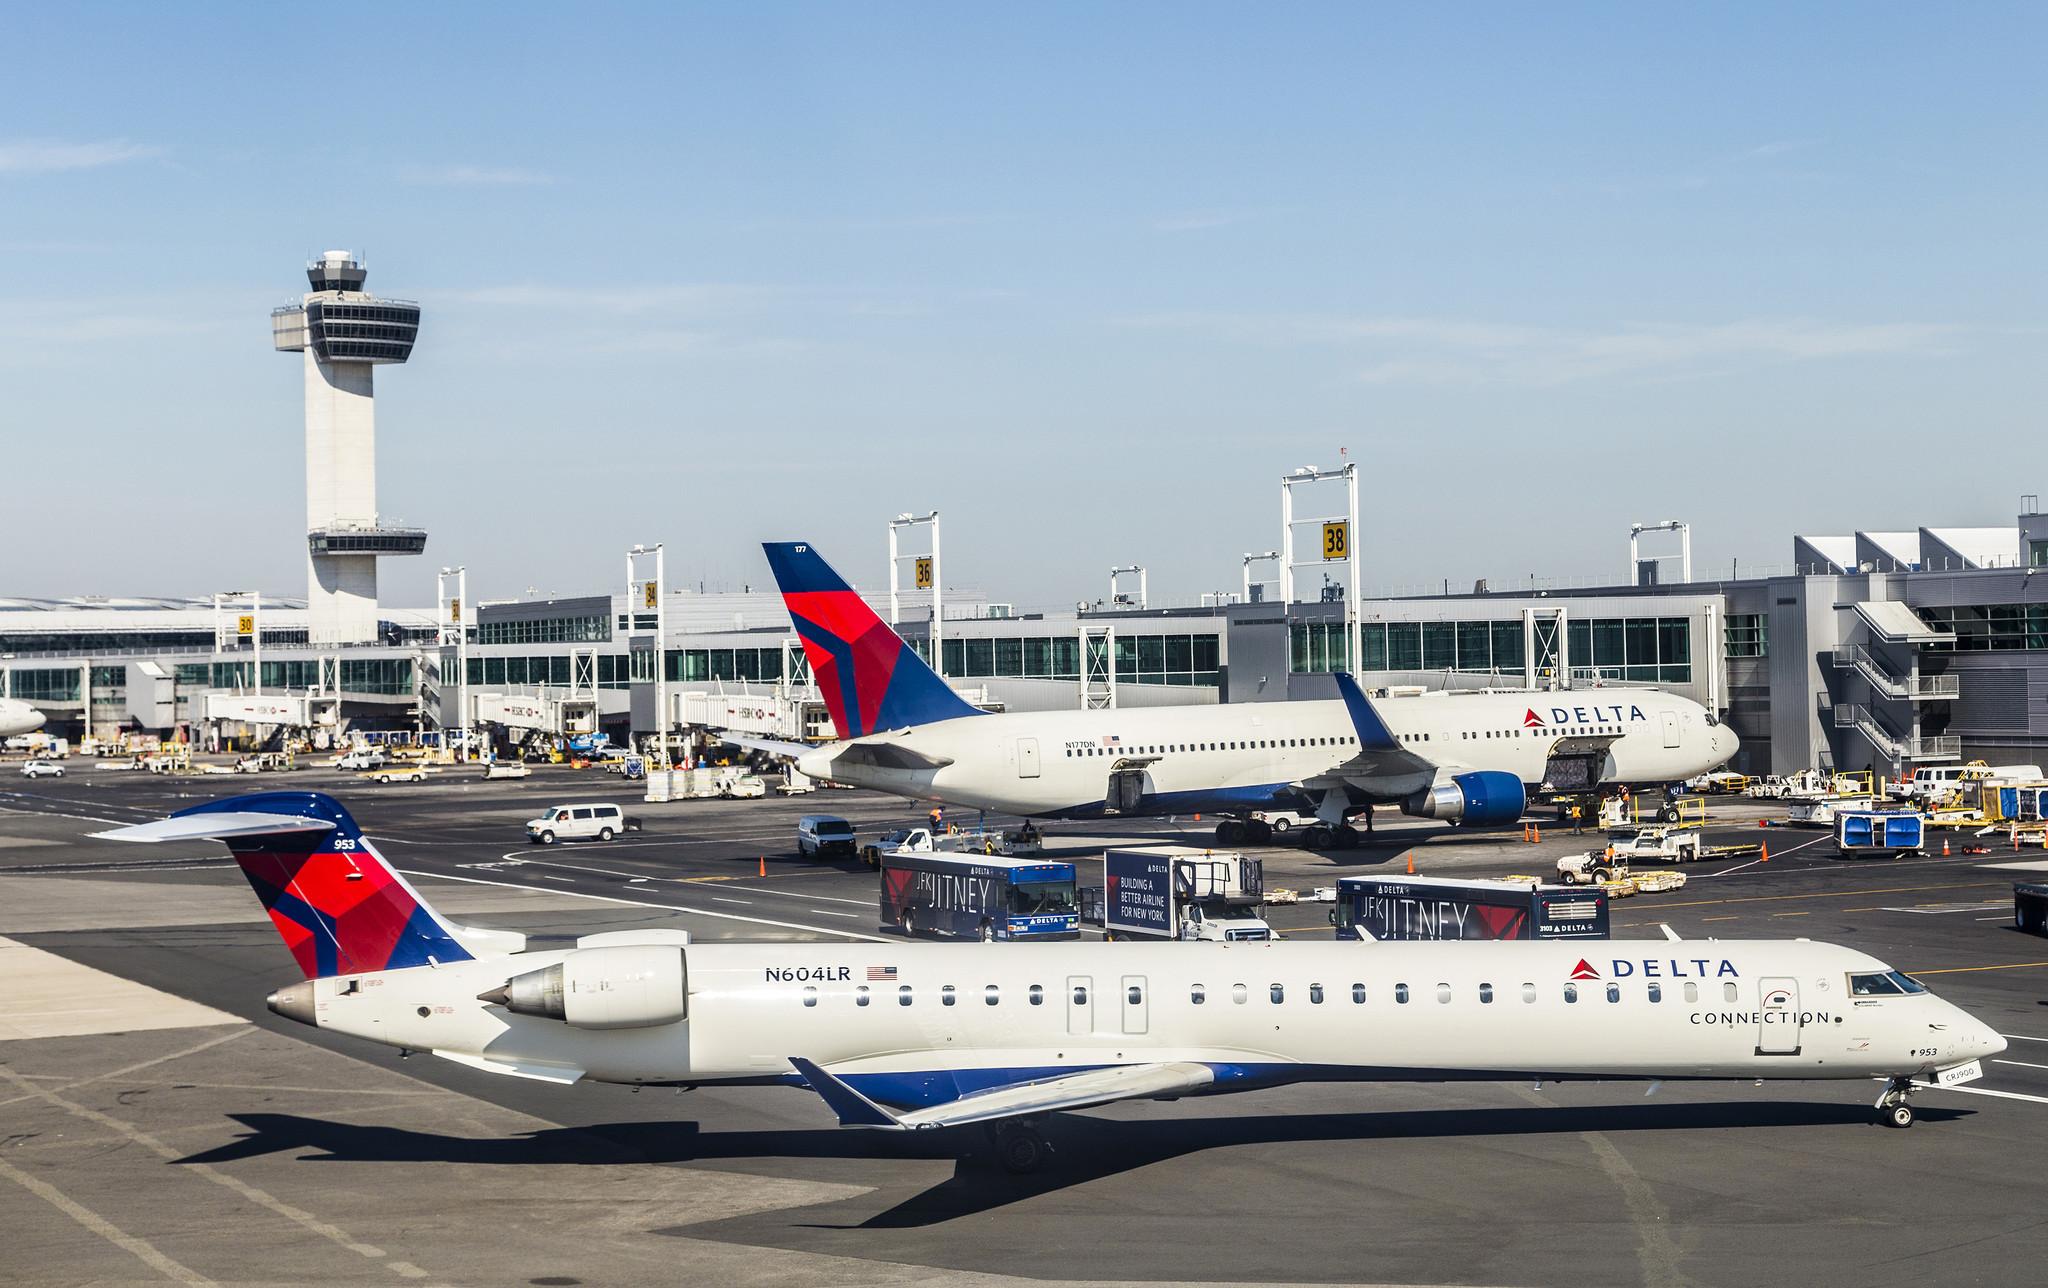 JFK, La Guardia and Newark airports shut down due to coronavirus exposure of staff: report